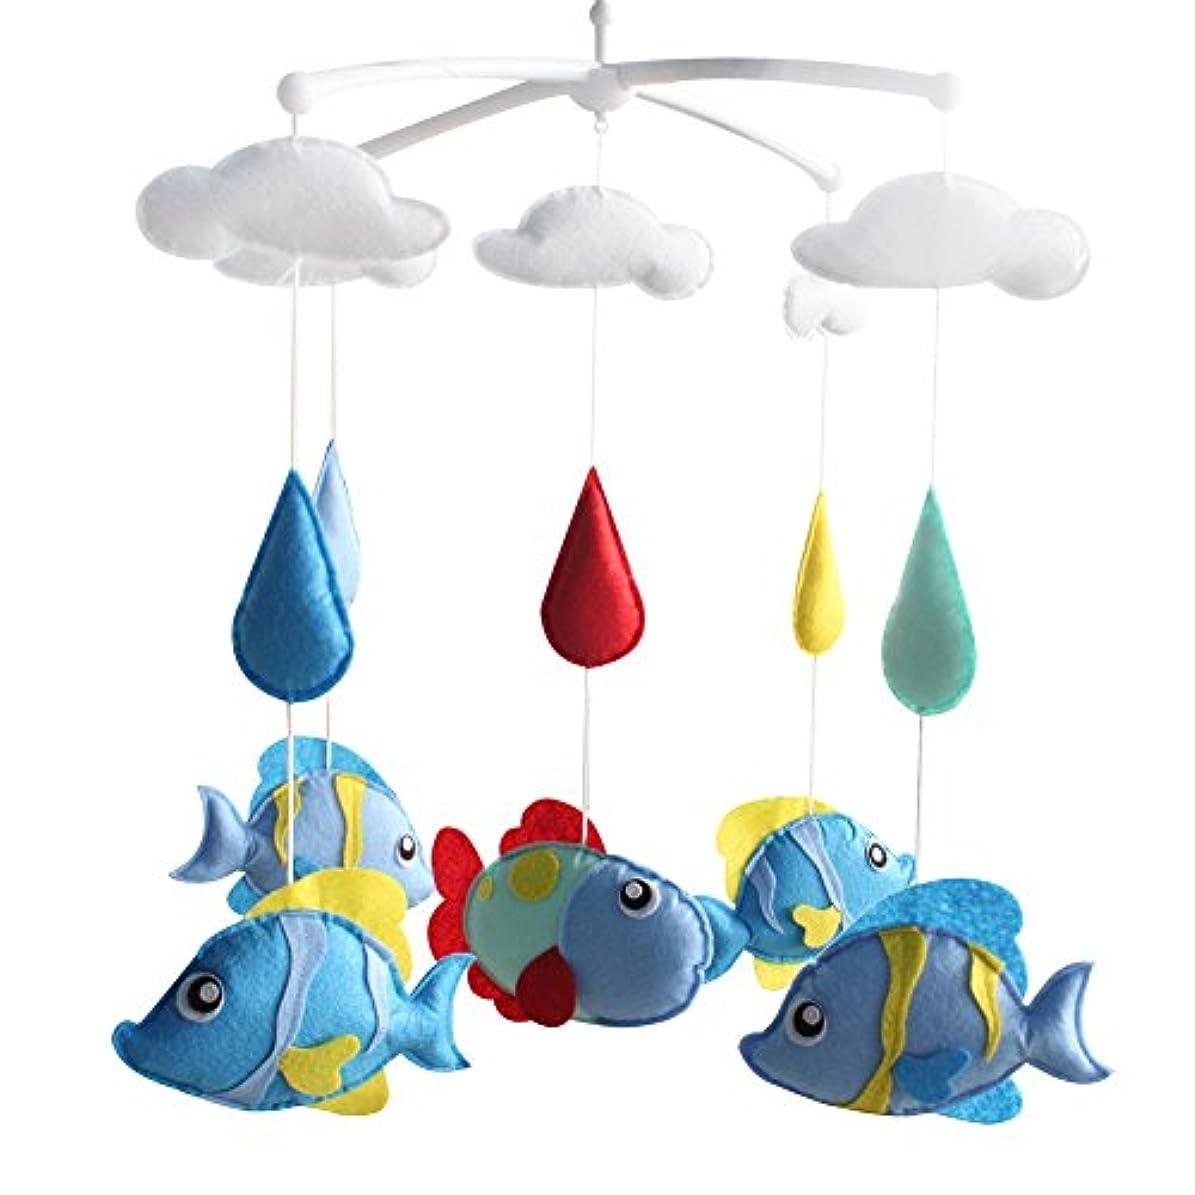 和解するサンダースくつろぐベビーベッドベル手作り新生児ギフトベビーベッドミュージカルモバイルアクアリウム魚